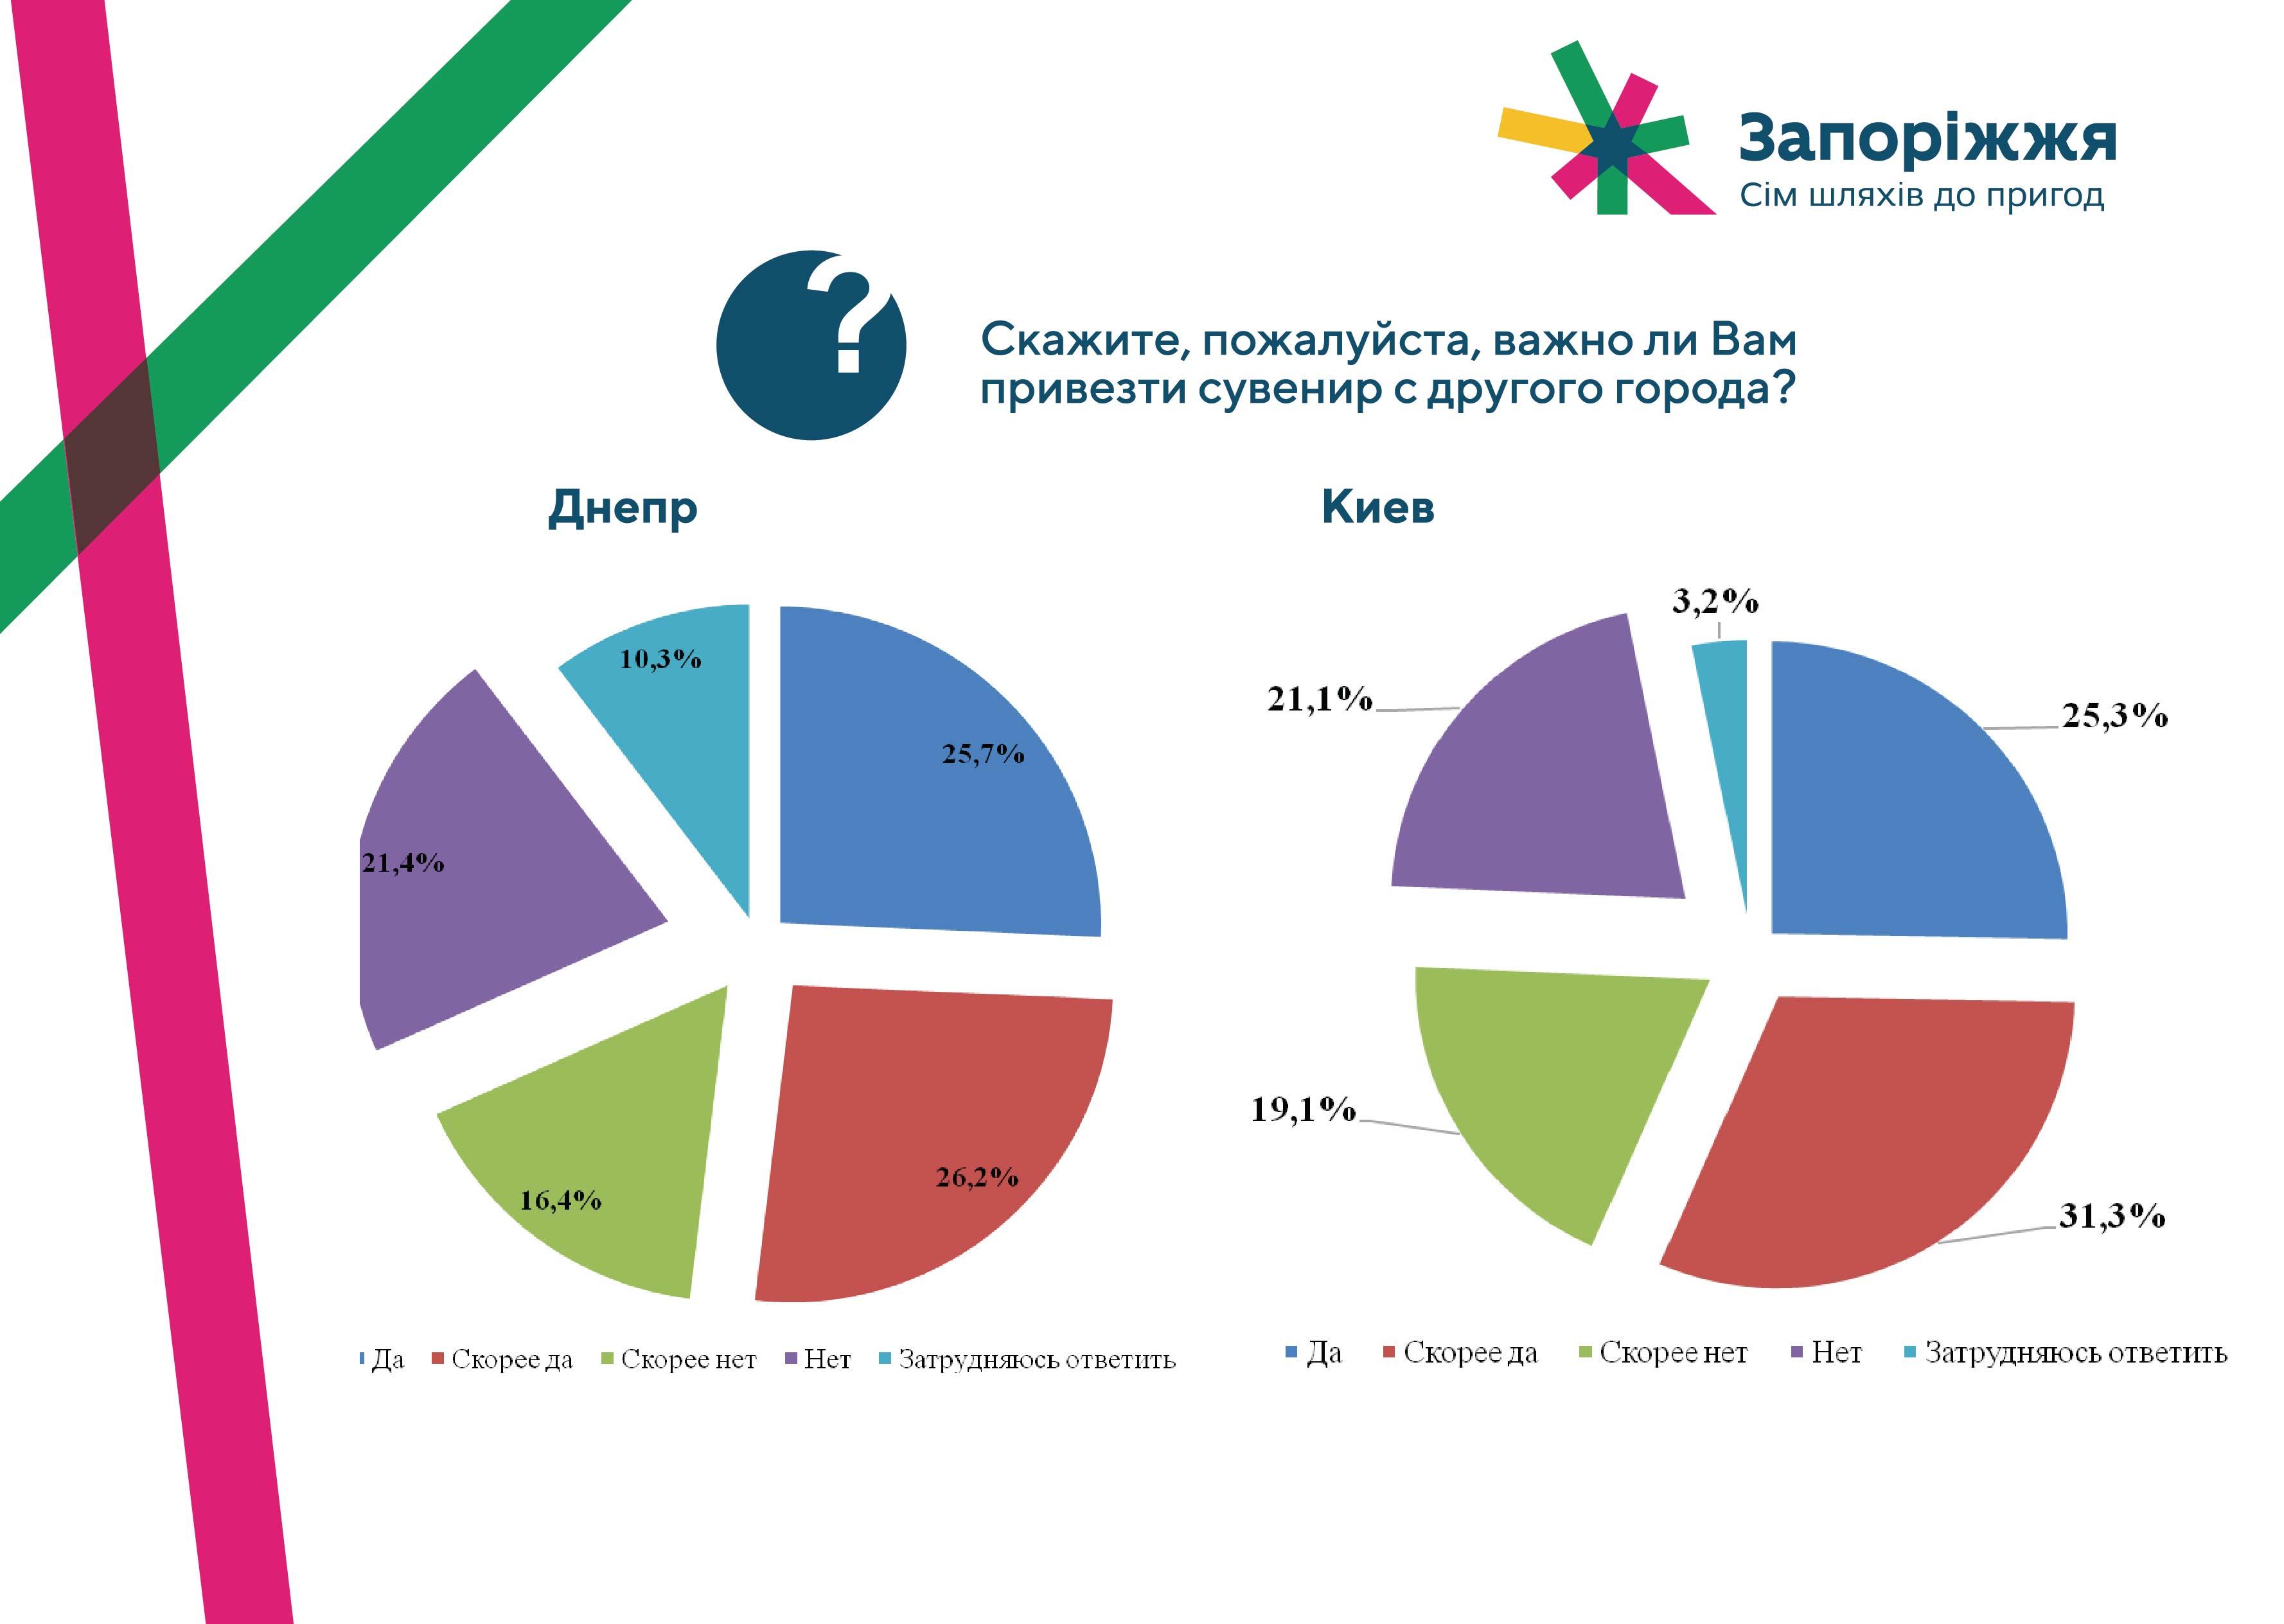 презентация-днепр-киев-10.jpg